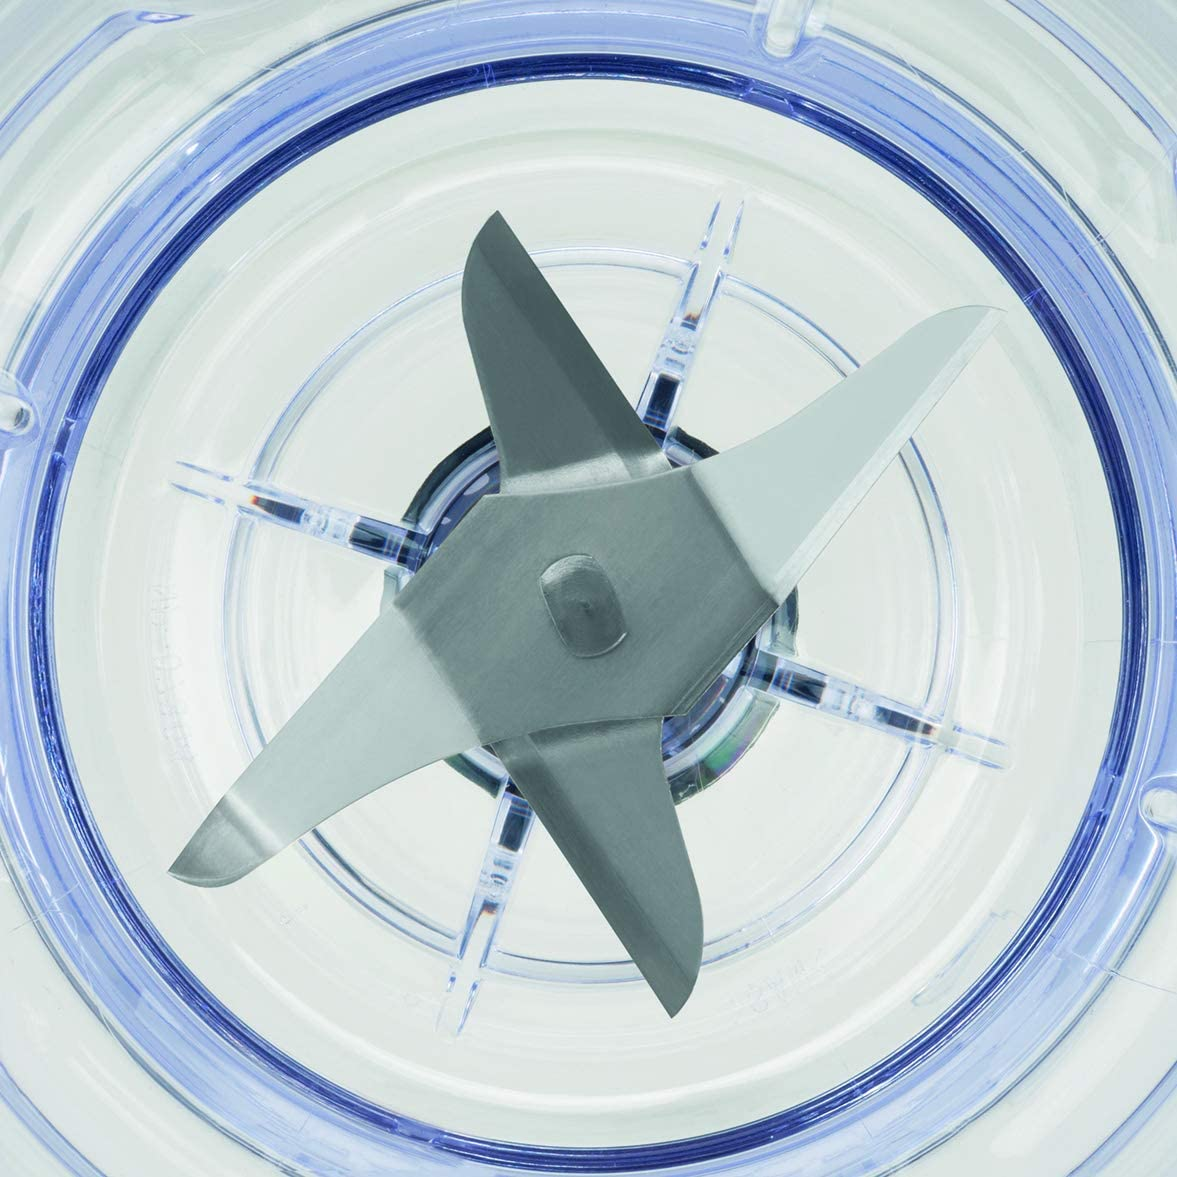 Liquidificador Arno Power Max Ln50 700W Preto - 110V